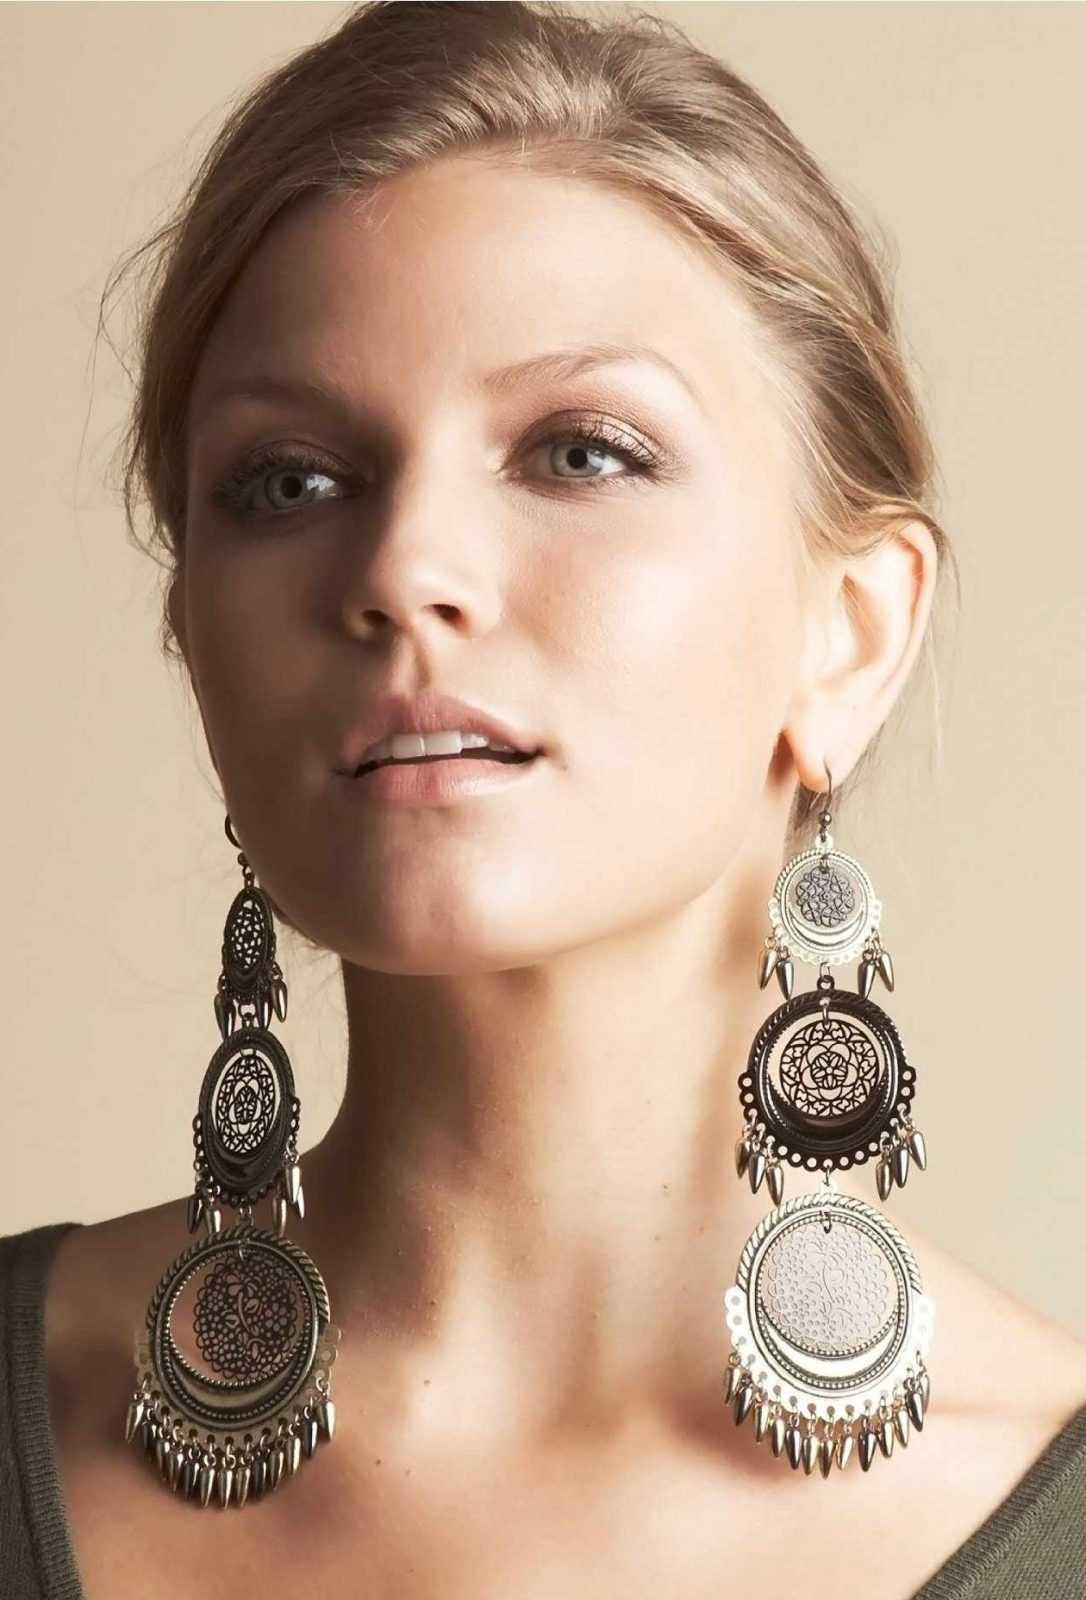 don't wear heavy earrings